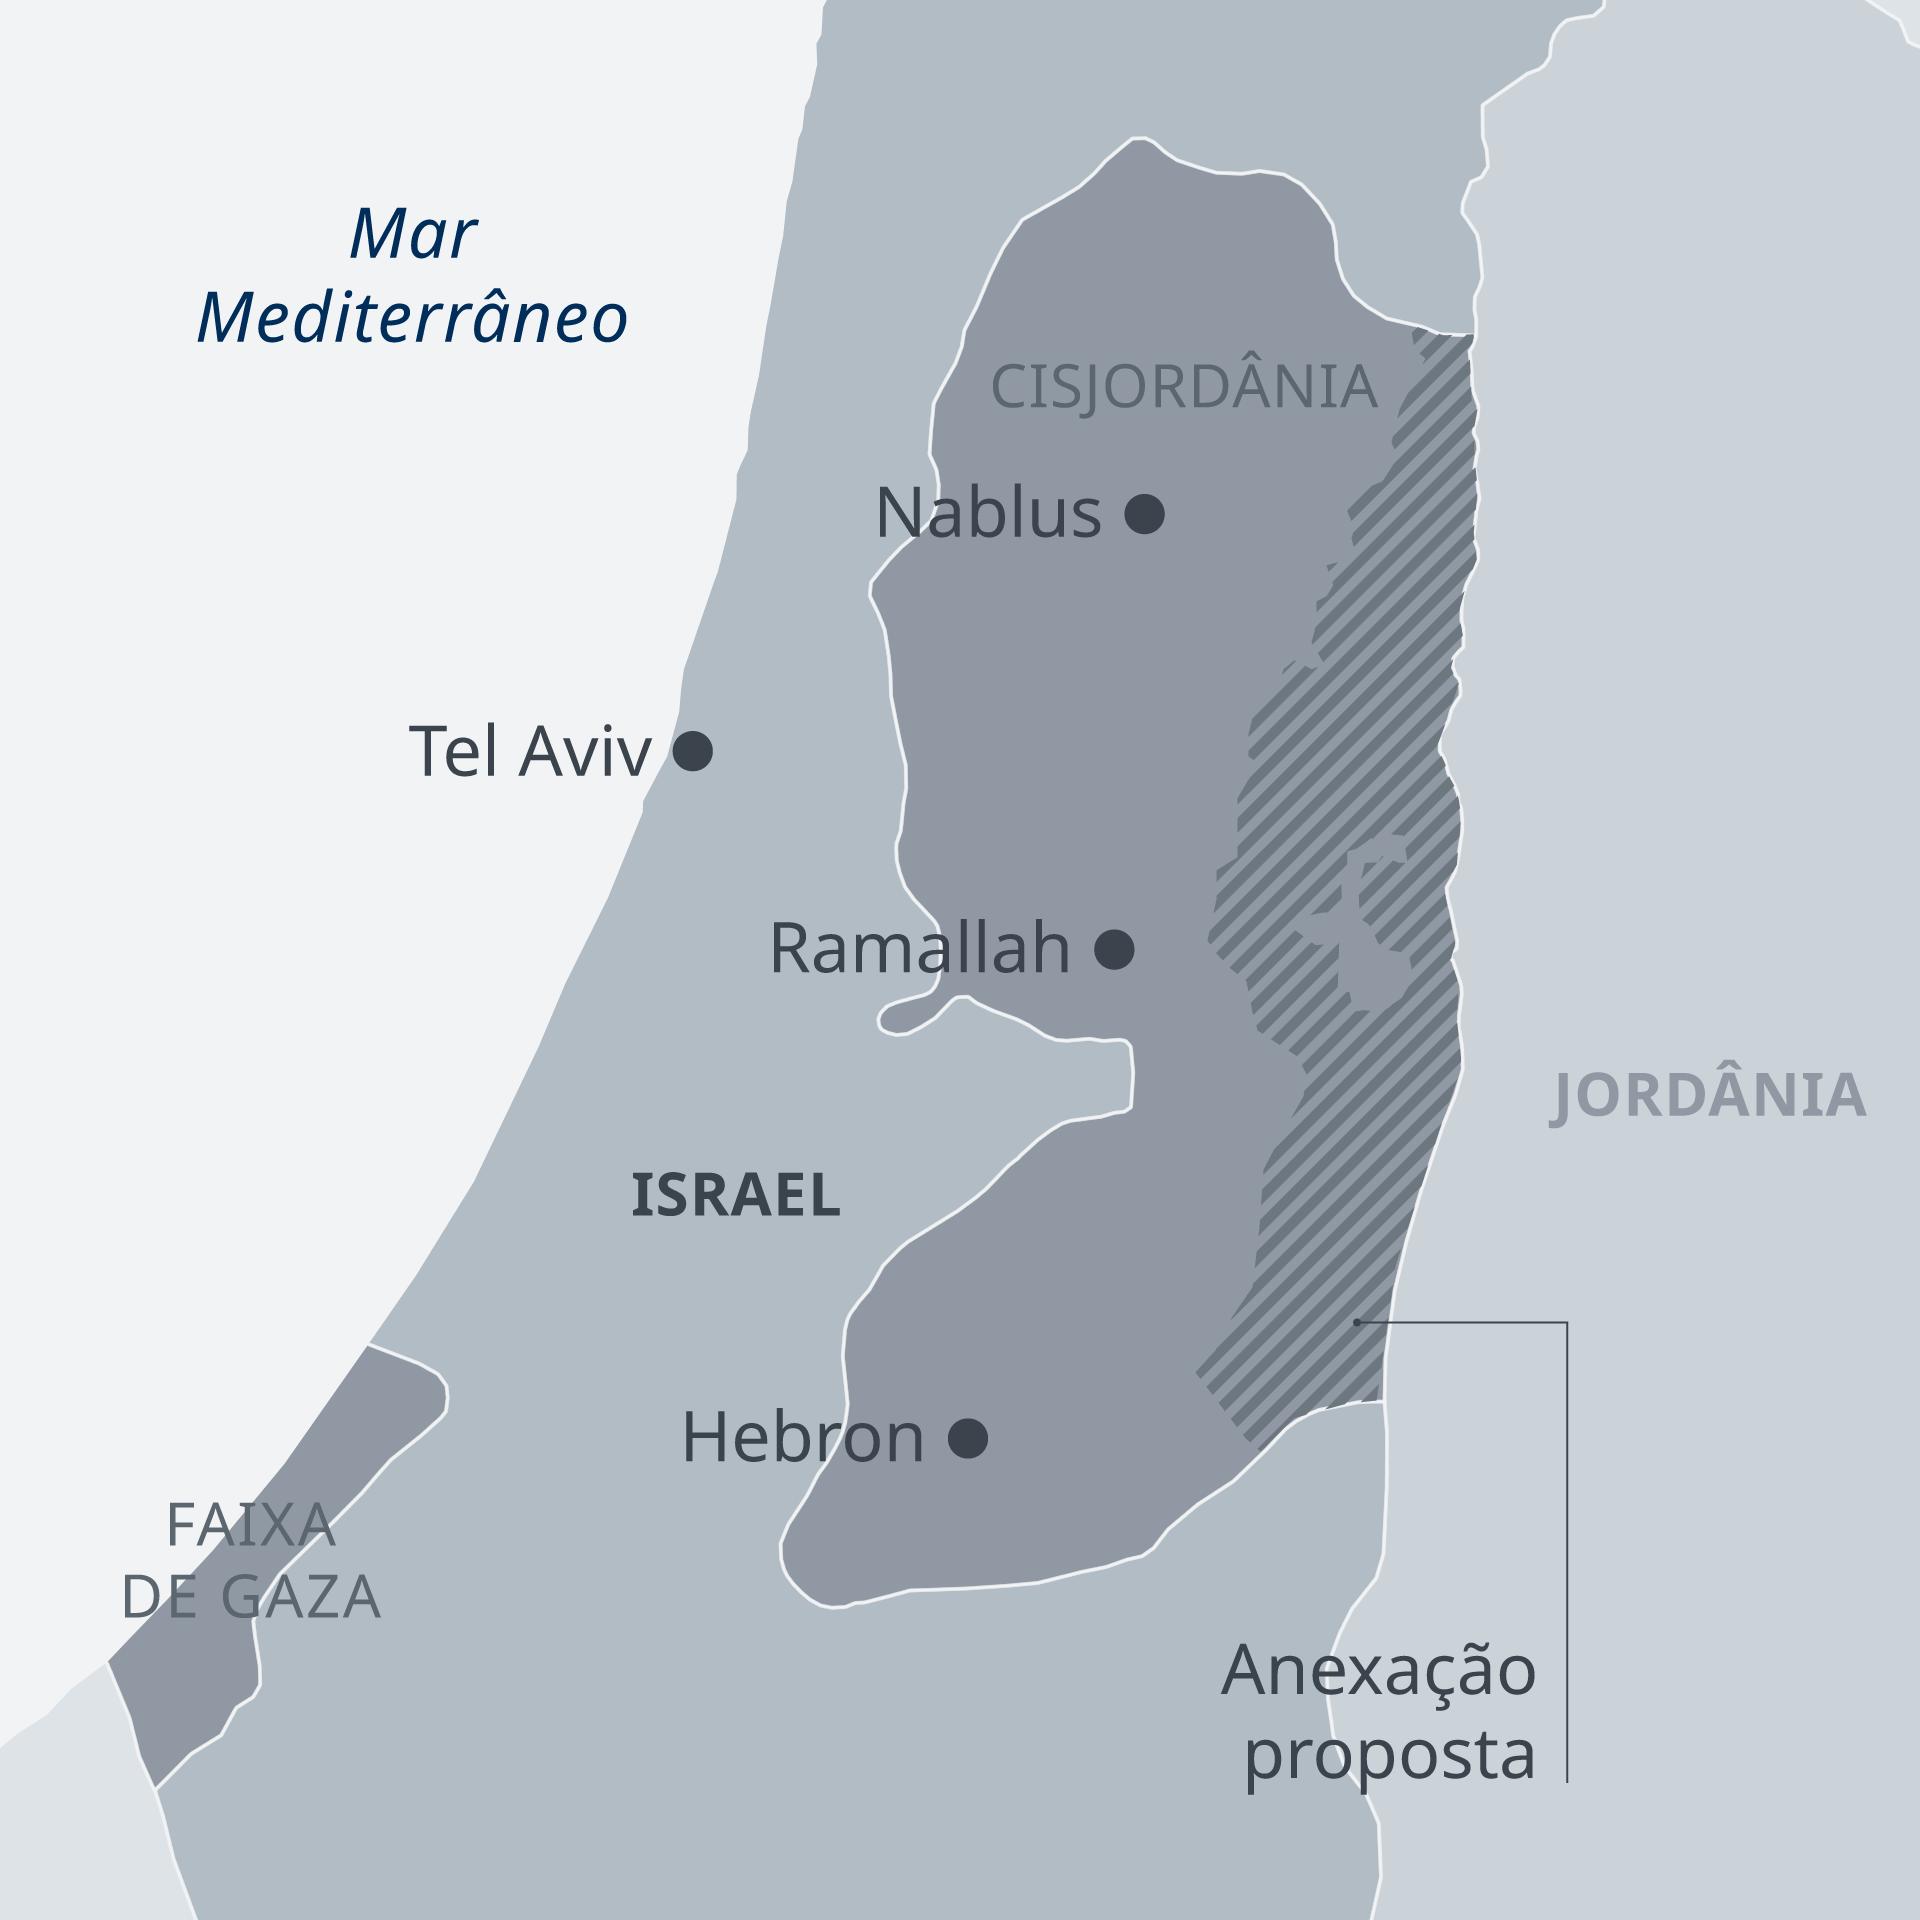 Mapa com a anexação de parte da Cisjordânia, proposta pelo primeiro-ministro de Israel